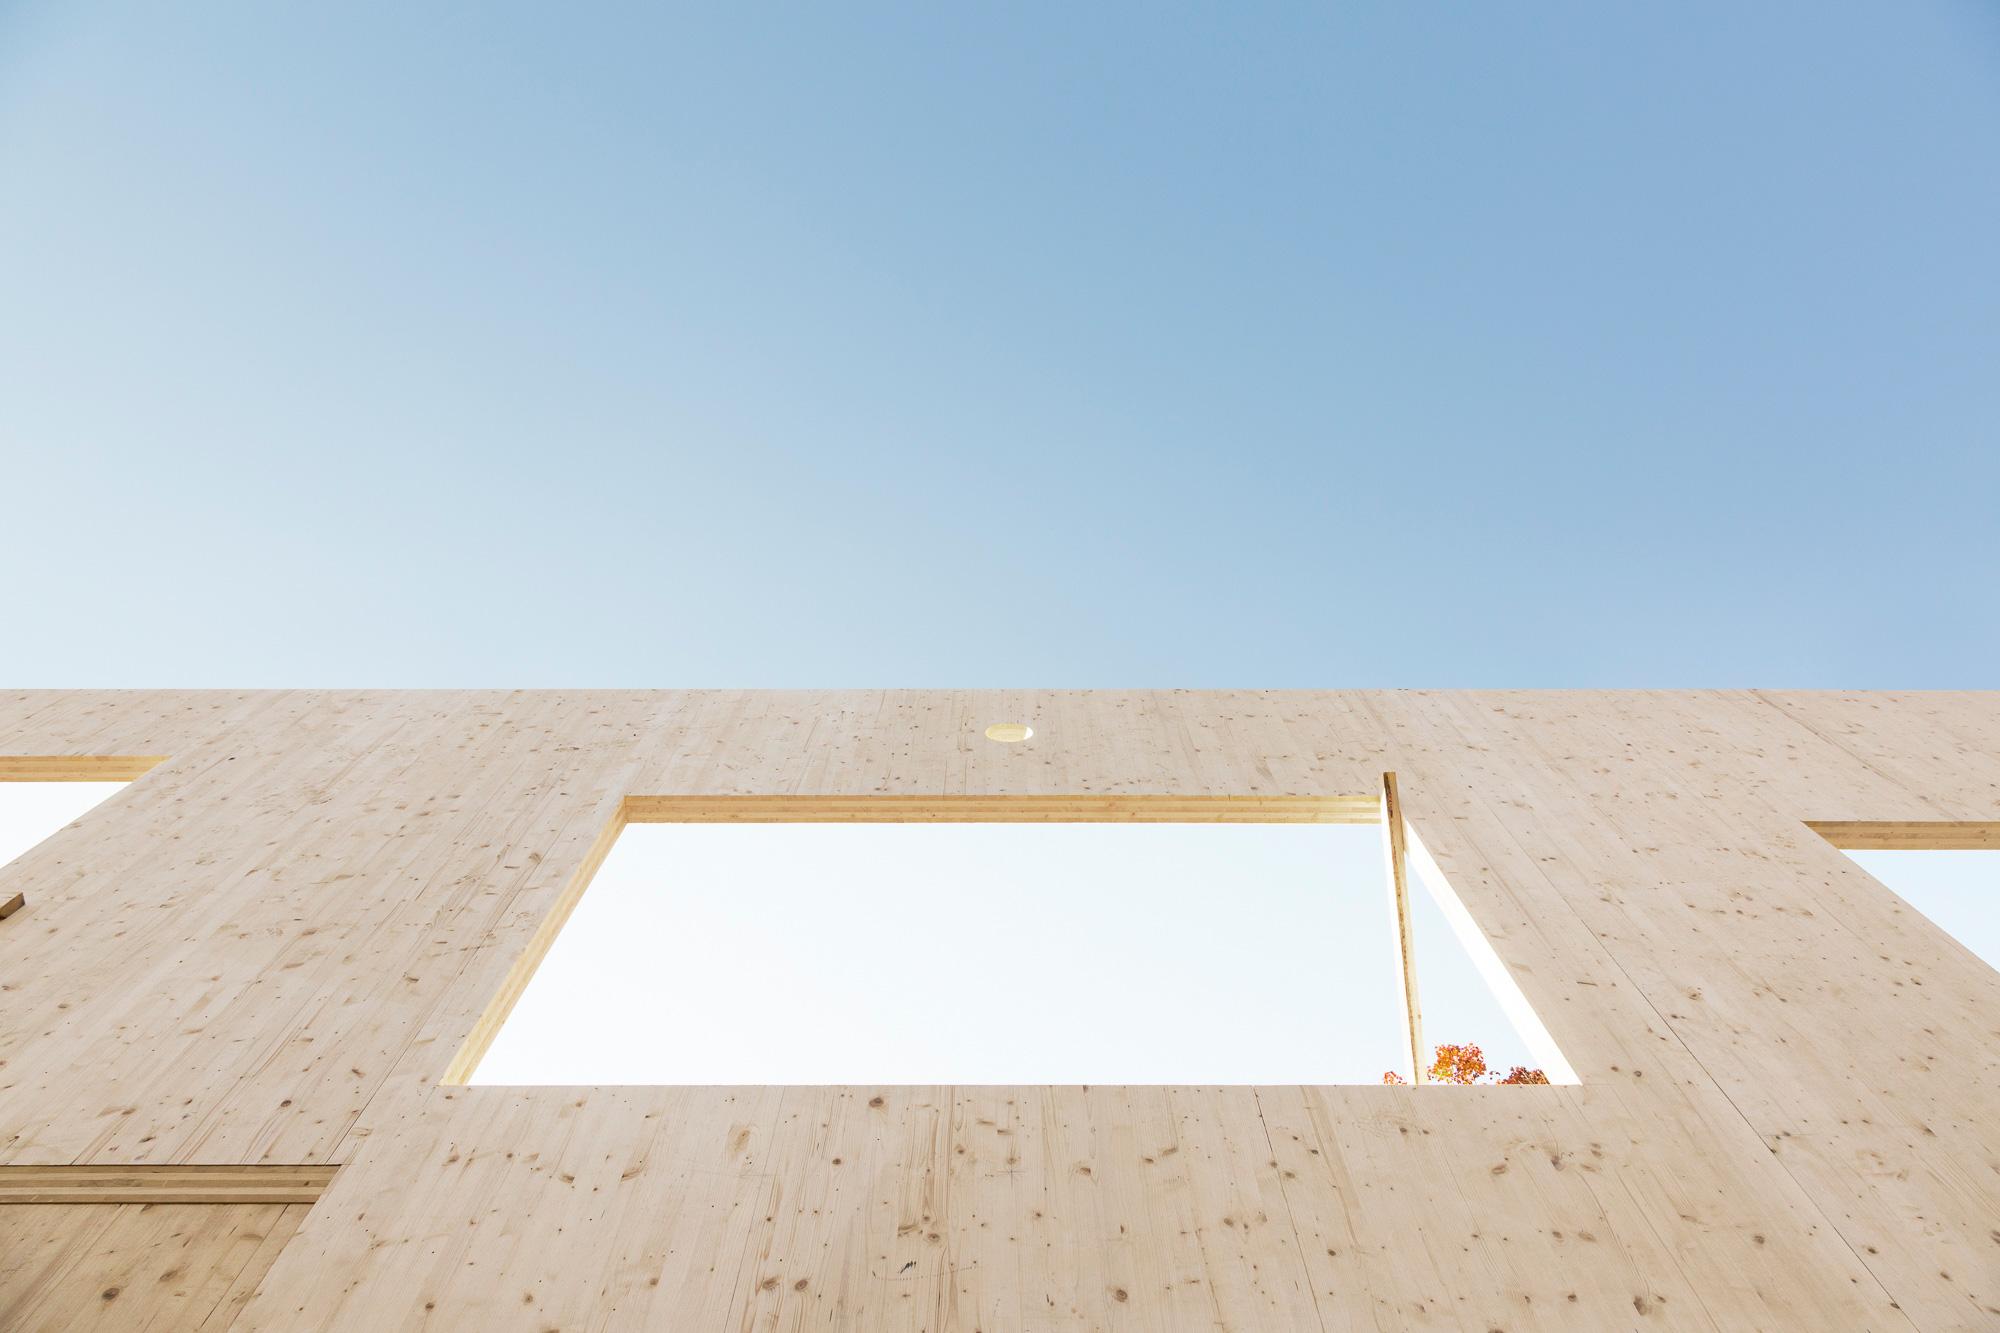 mur bois percé ciel bleu chantier construction